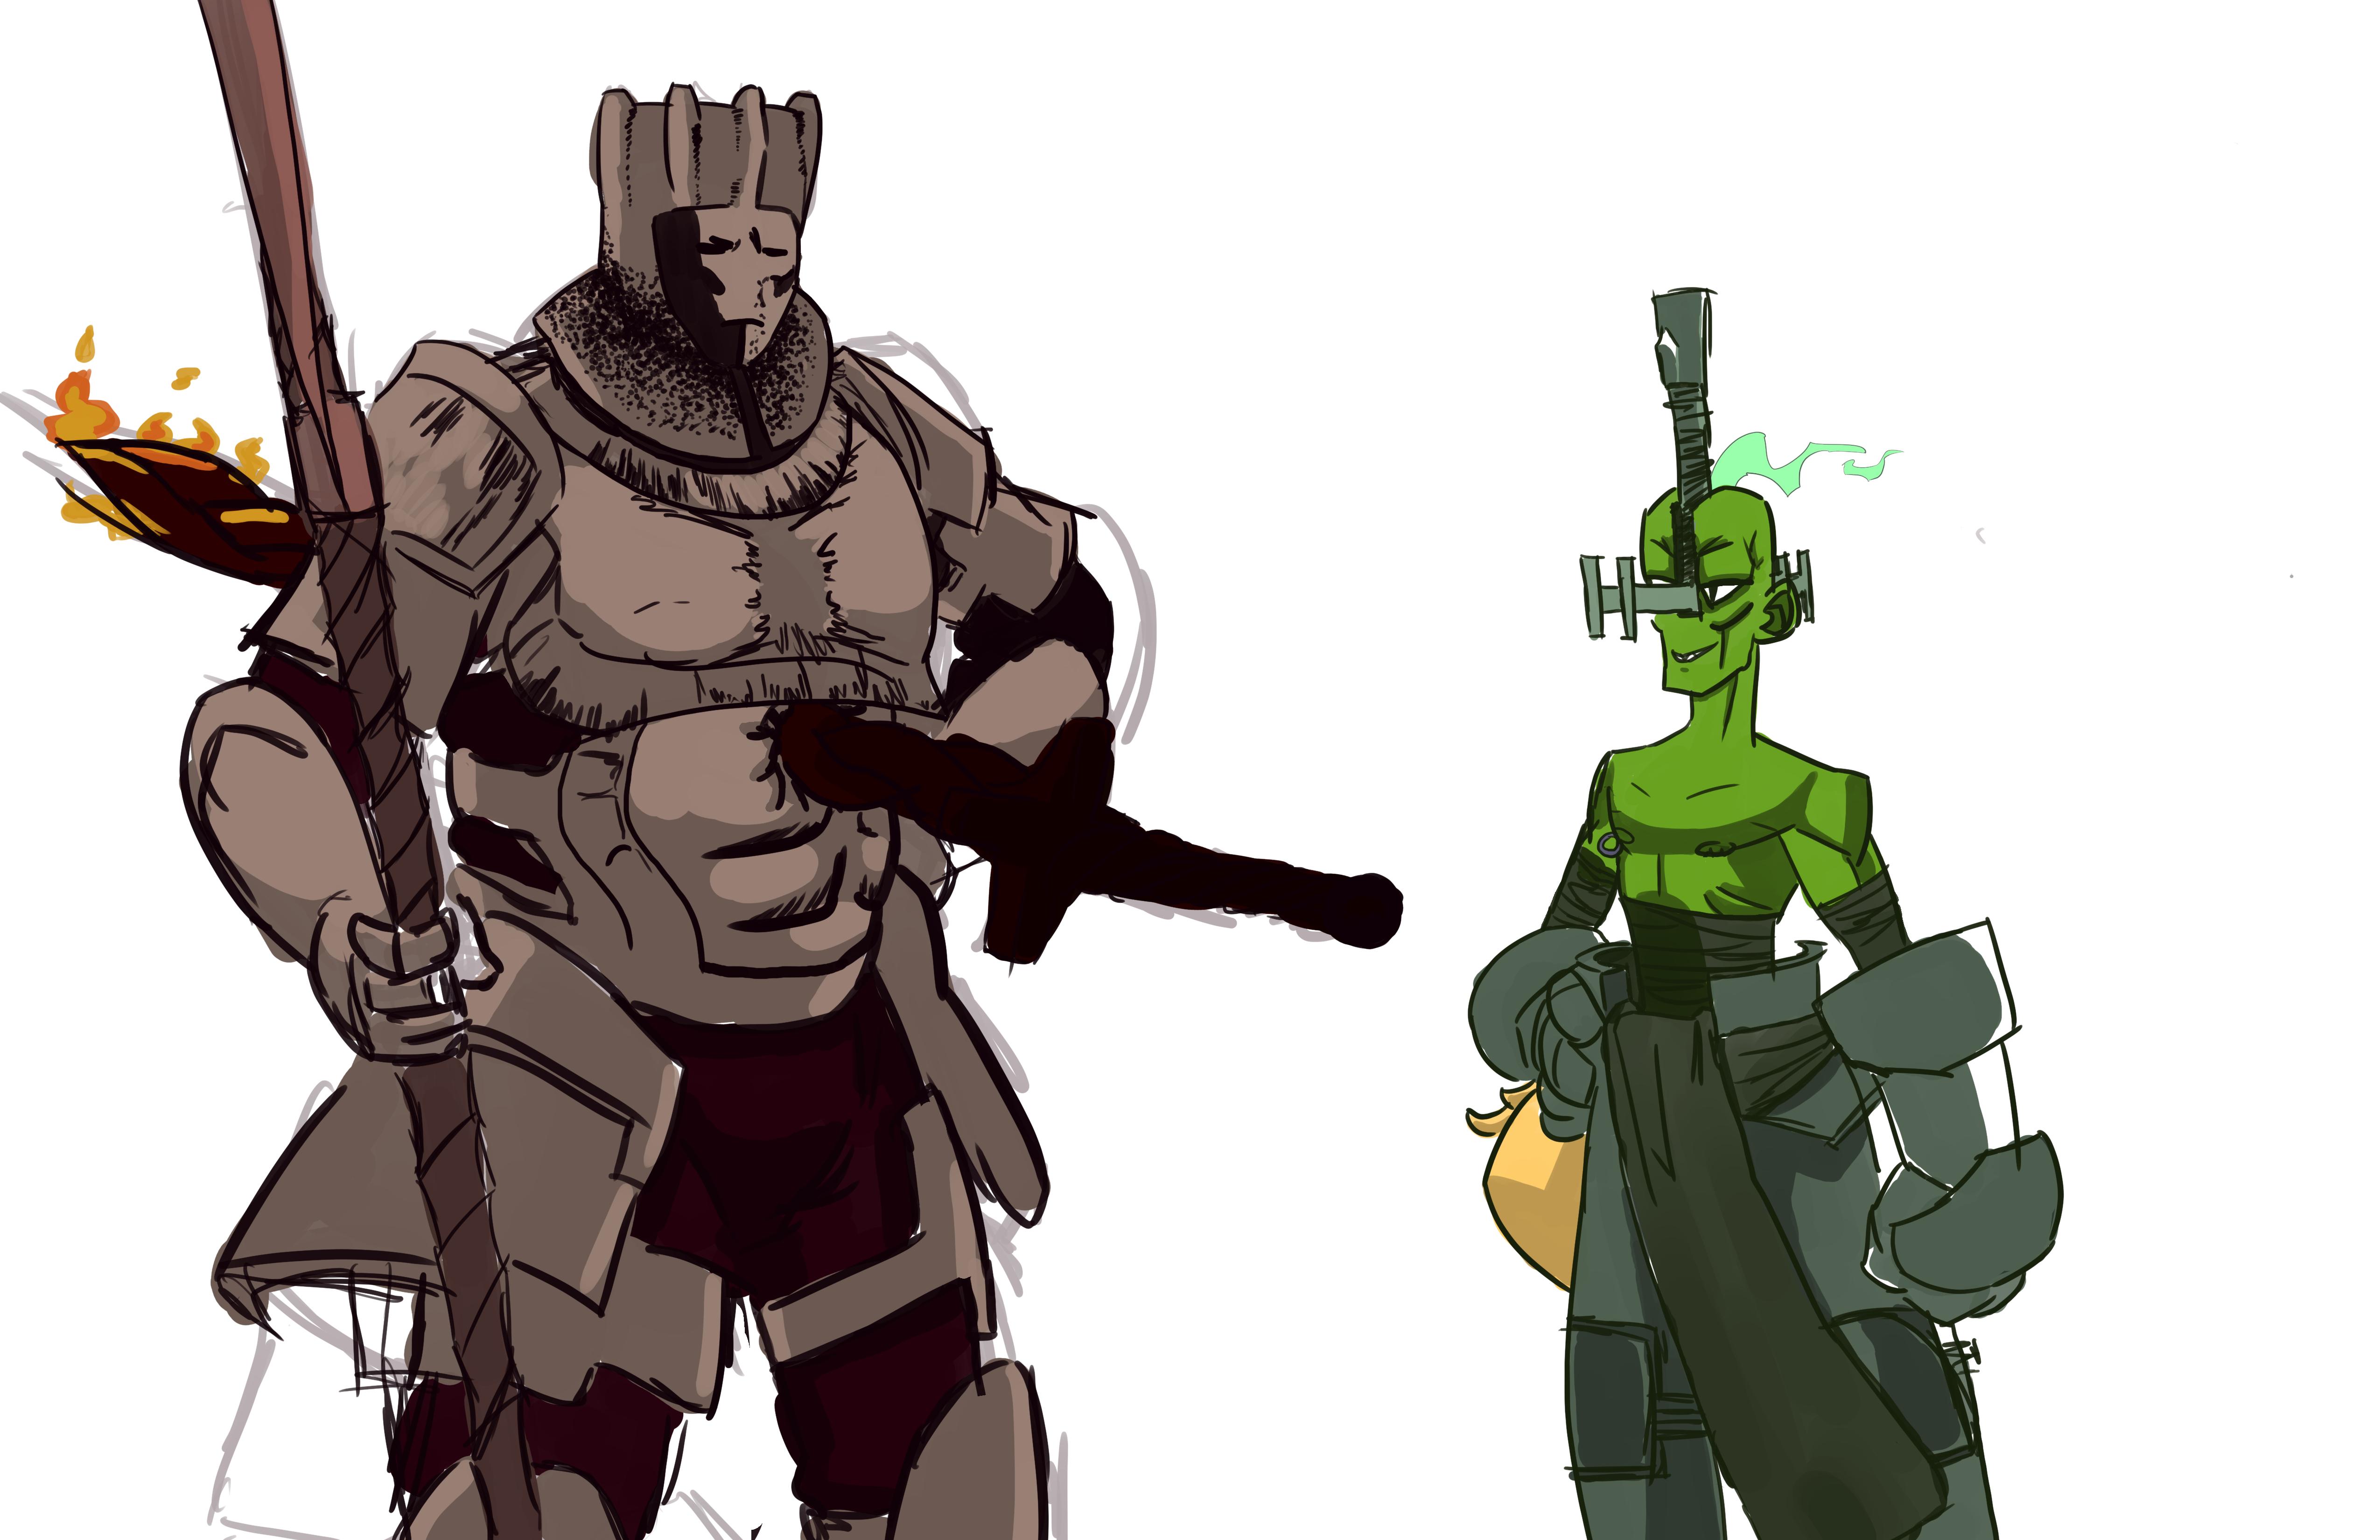 The Ghostly swordsmen